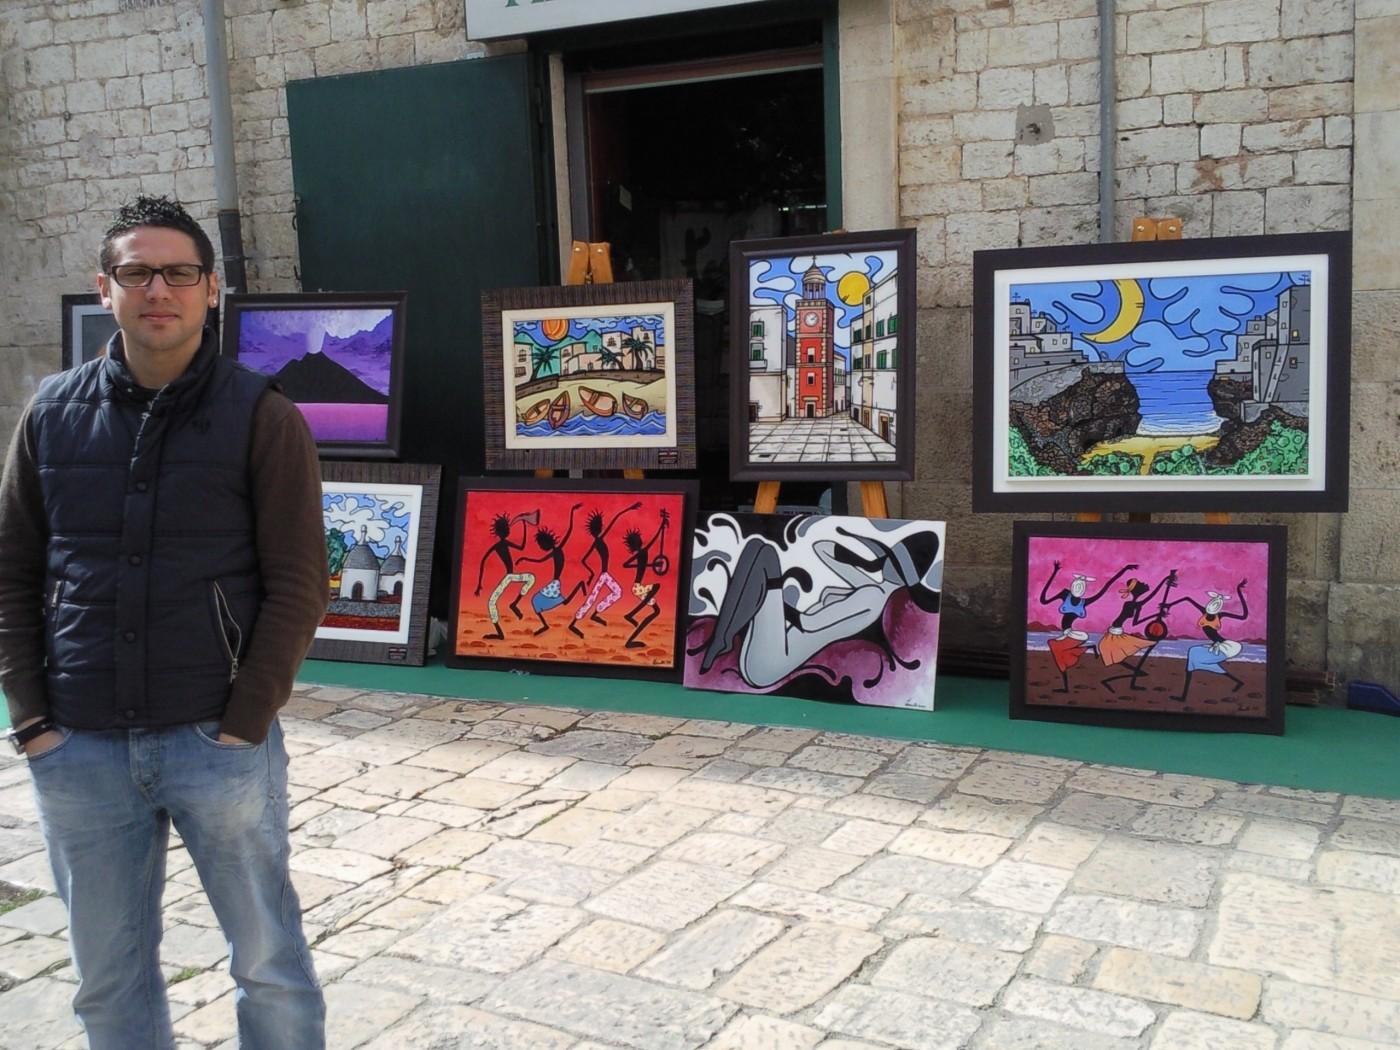 opera d'arte, contornismo metafisico, francesco ferrulli, pittore pugliese, artista italiano, arte contemporanea, dipinto, olio su tela, acrilico su tela, paesaggi pugliesi, quadri colorati, oil on canvas, art, painter, grafico, disegnatore, mostra,